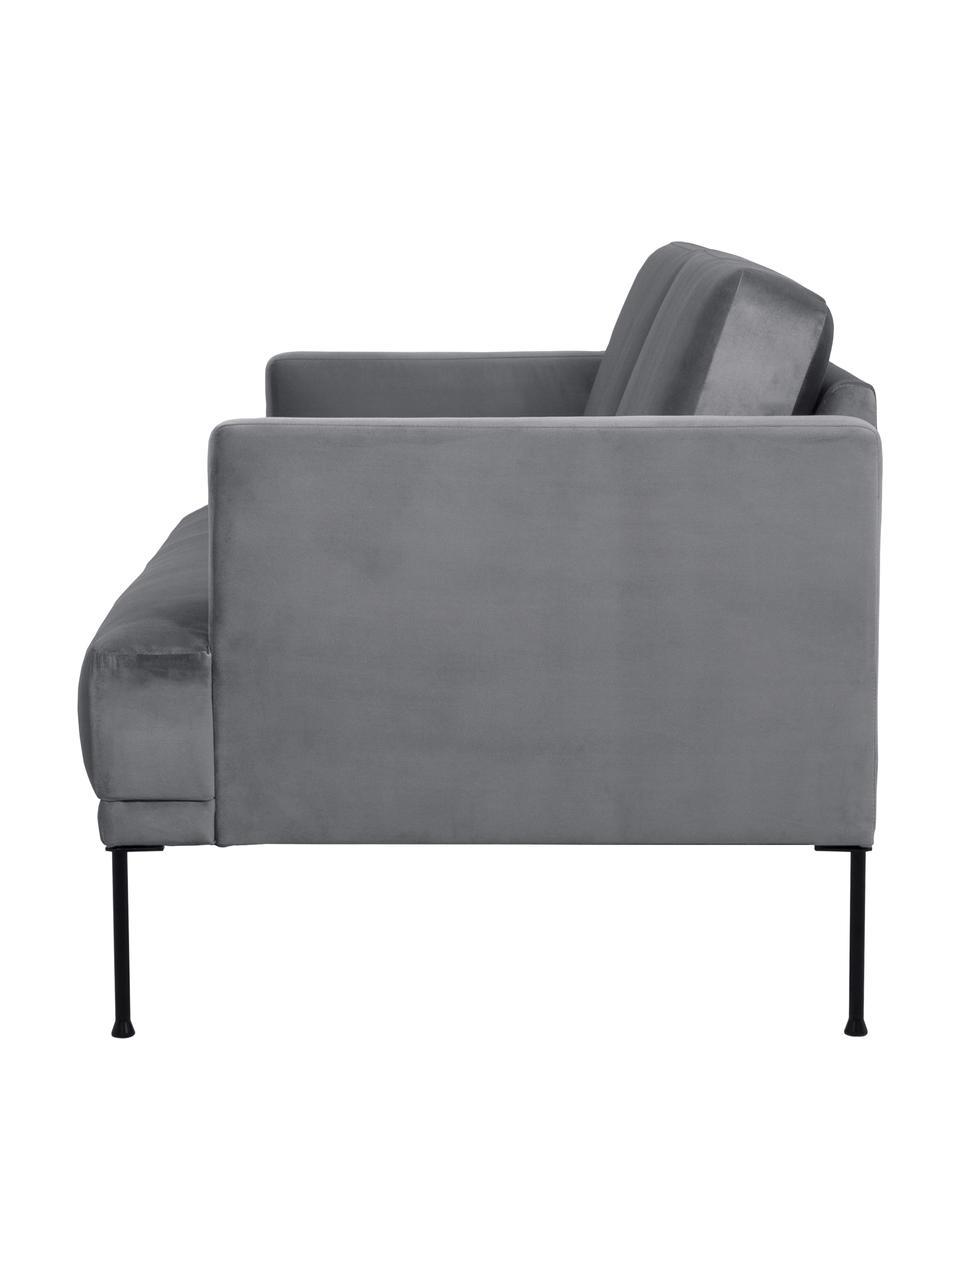 Samt-Sofa Fluente (3-Sitzer) in Dunkelgrau mit Metall-Füßen, Bezug: Samt (Hochwertiger Polyes, Gestell: Massives Kiefernholz, Füße: Metall, pulverbeschichtet, Samt Braungrau, B 196 x T 85 cm